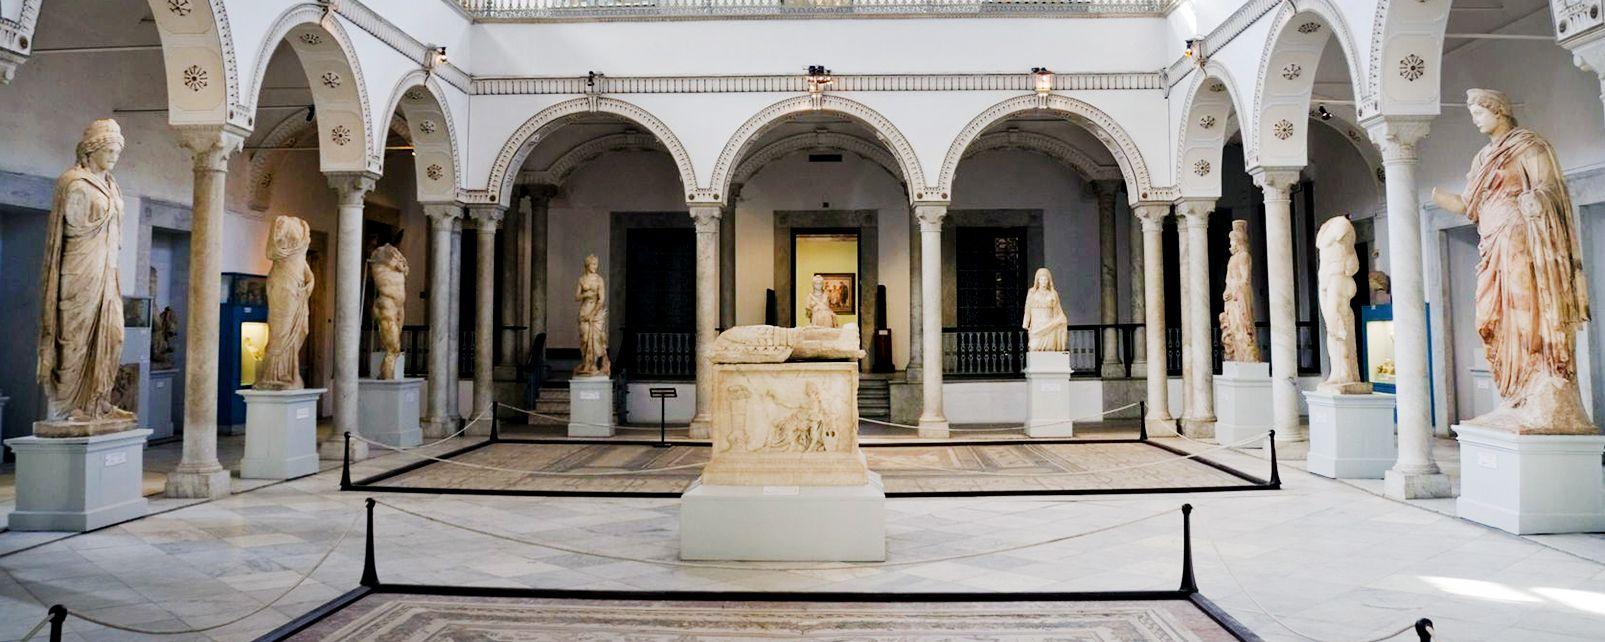 Les arts et la culture, Tunisie maghreb afrique Tunis bardo musée art histoire oeuvre vestige antiquité empire romain romain statue.